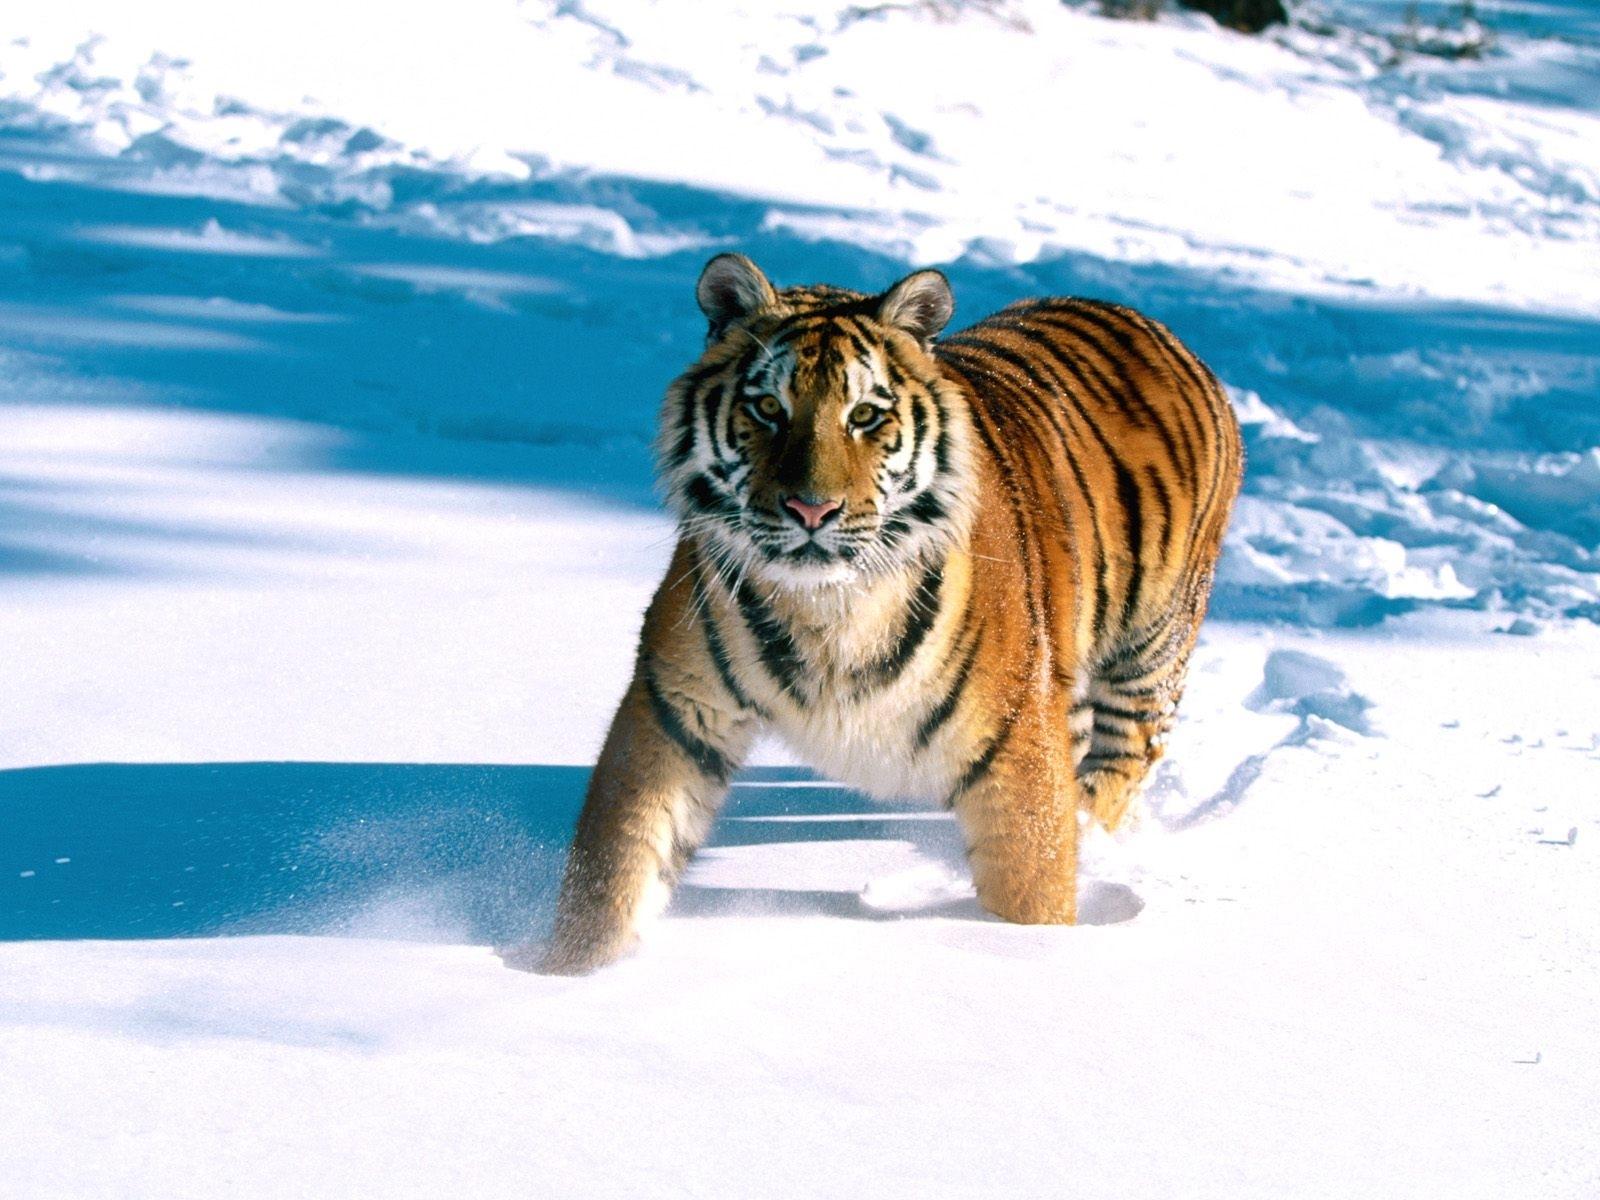 4315 descargar fondo de pantalla Animales, Invierno, Tigres, Nieve: protectores de pantalla e imágenes gratis